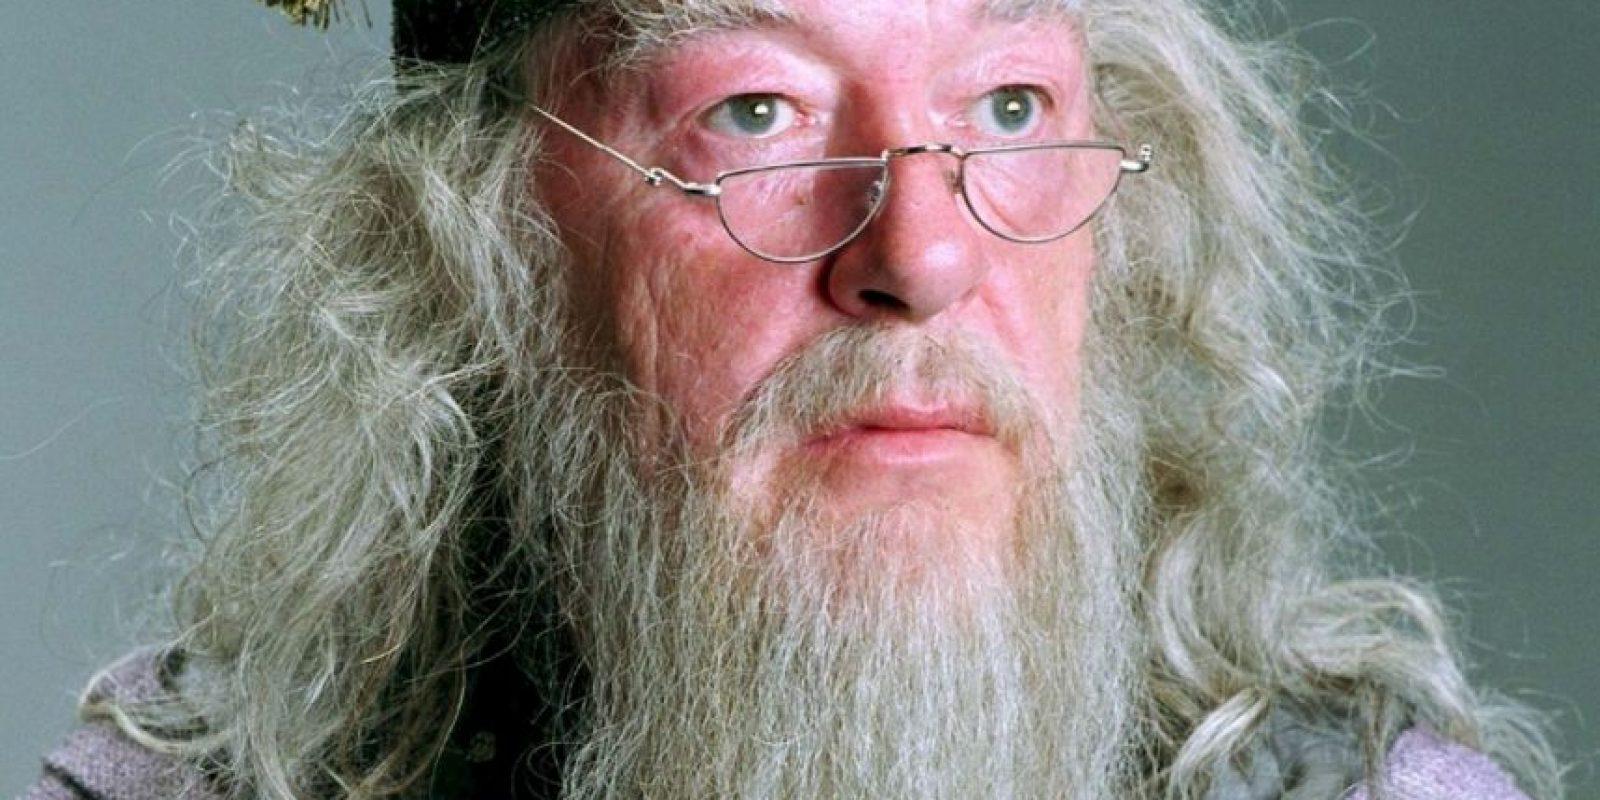 Luego de recuperar el primer Horrocrux, sabía que tenía los días contados. Supo que Voldemort envió a Draco Malfoy a matarlo, por lo que le pidió a Snape que lo hiciera (para su disgusto) y así evitar que Draco se corrompiese. Foto:Warner Bros